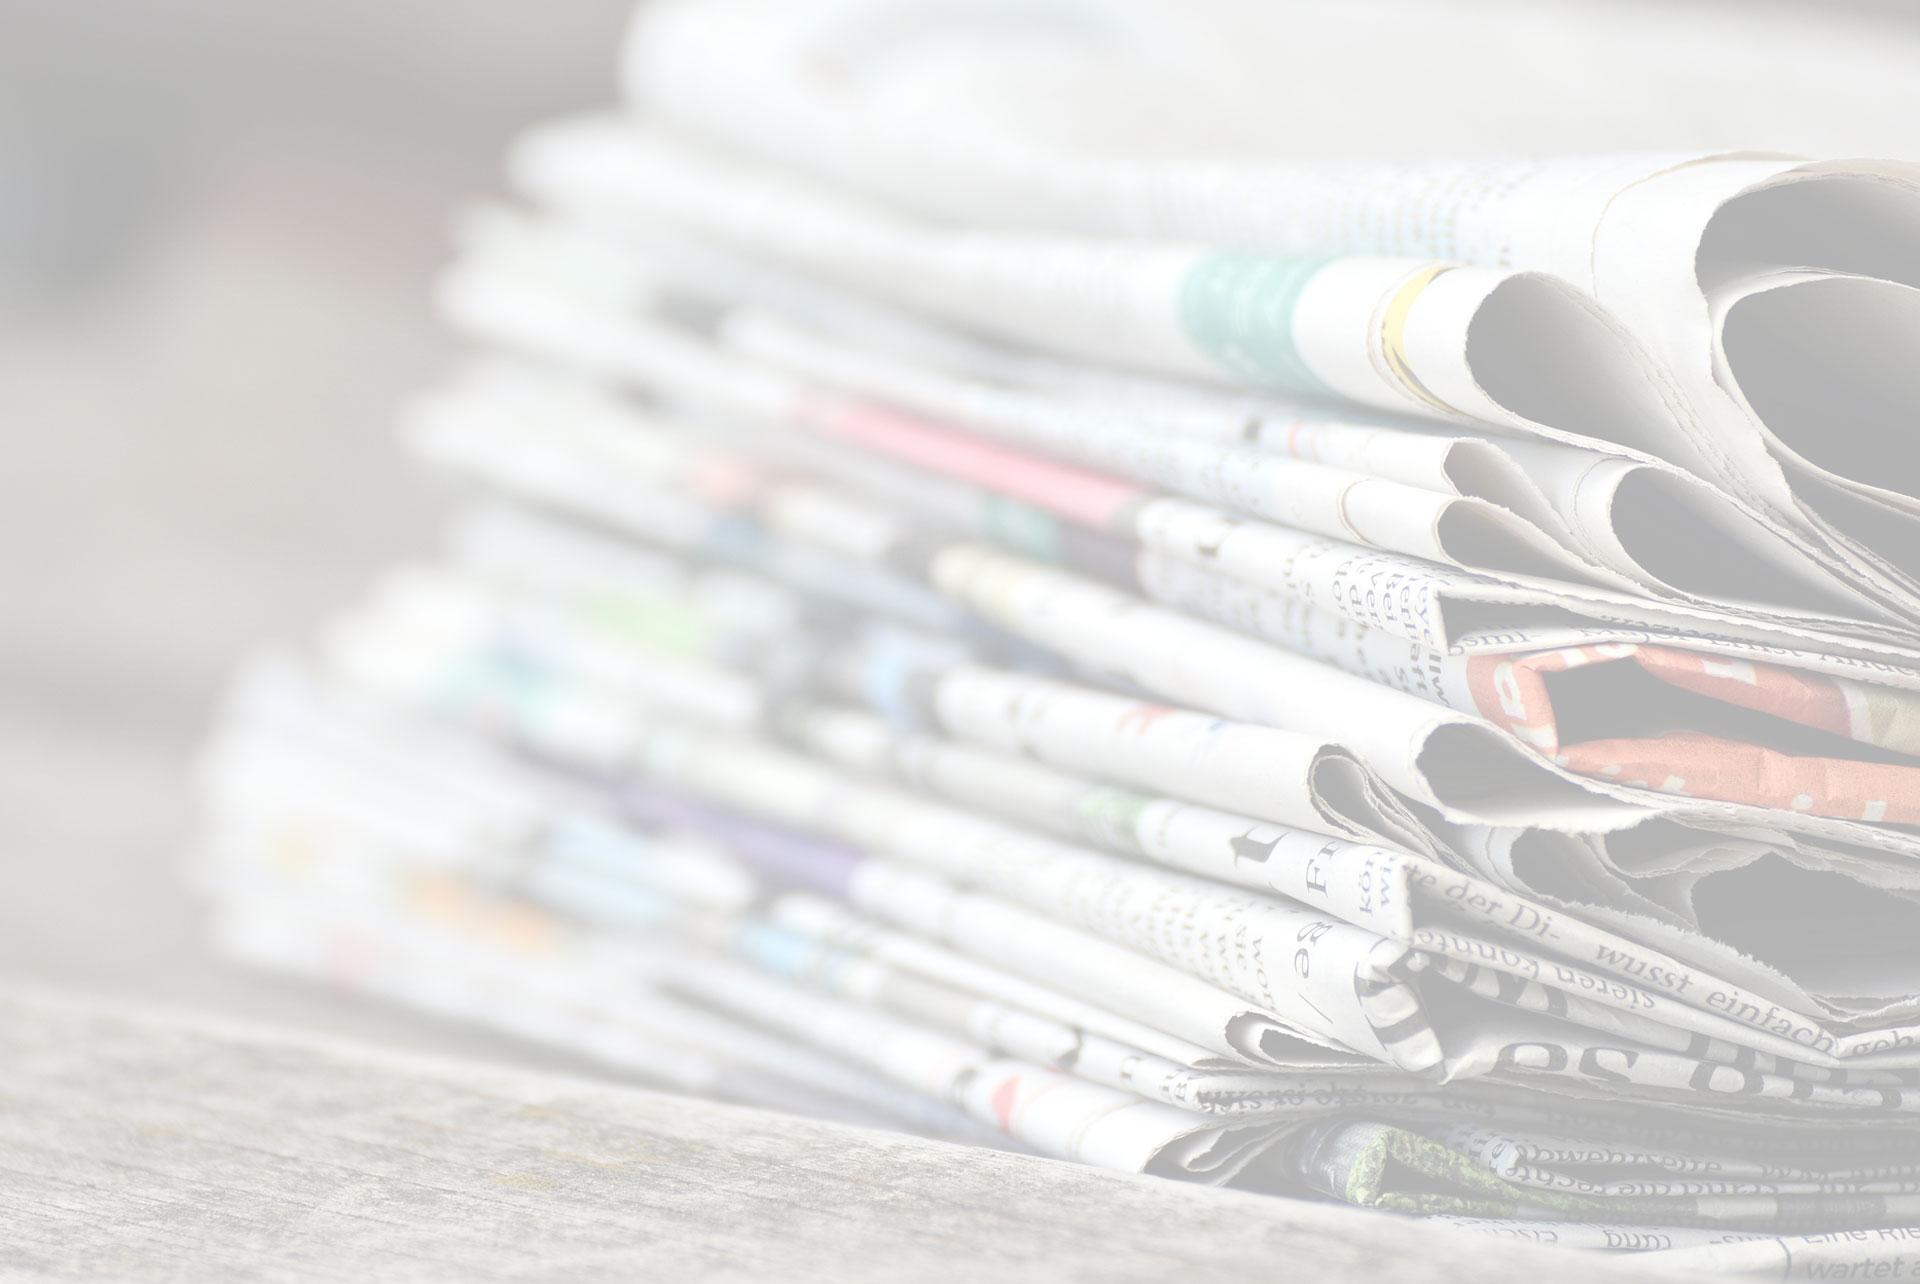 Alessandro Maestrali